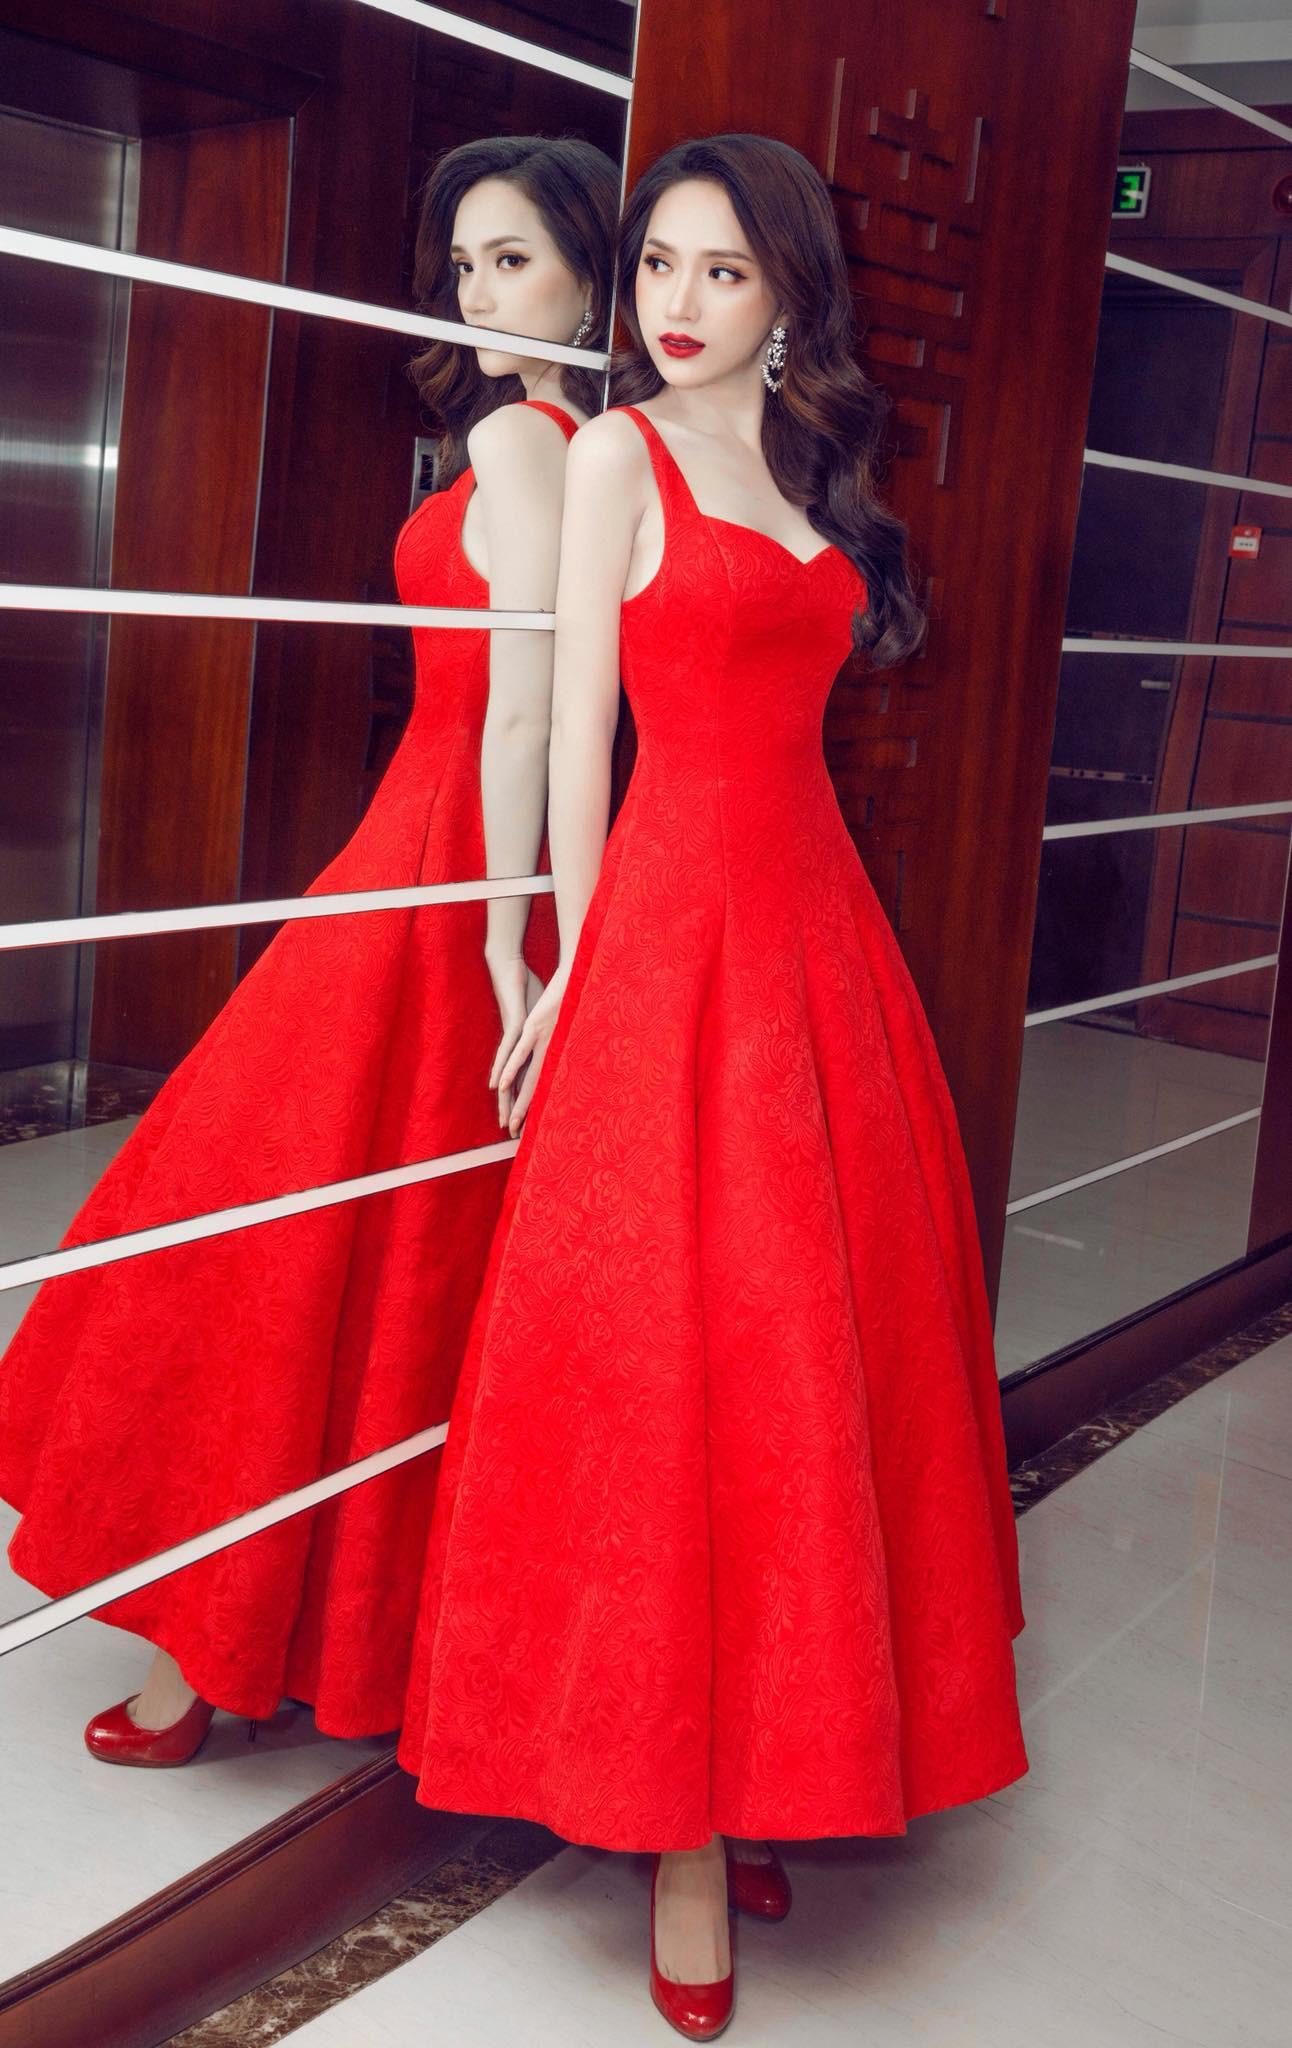 Những chiếc váy giúp Hoa hậu Hương Giang nâng tầm đẳng cấp  - Ảnh 3.